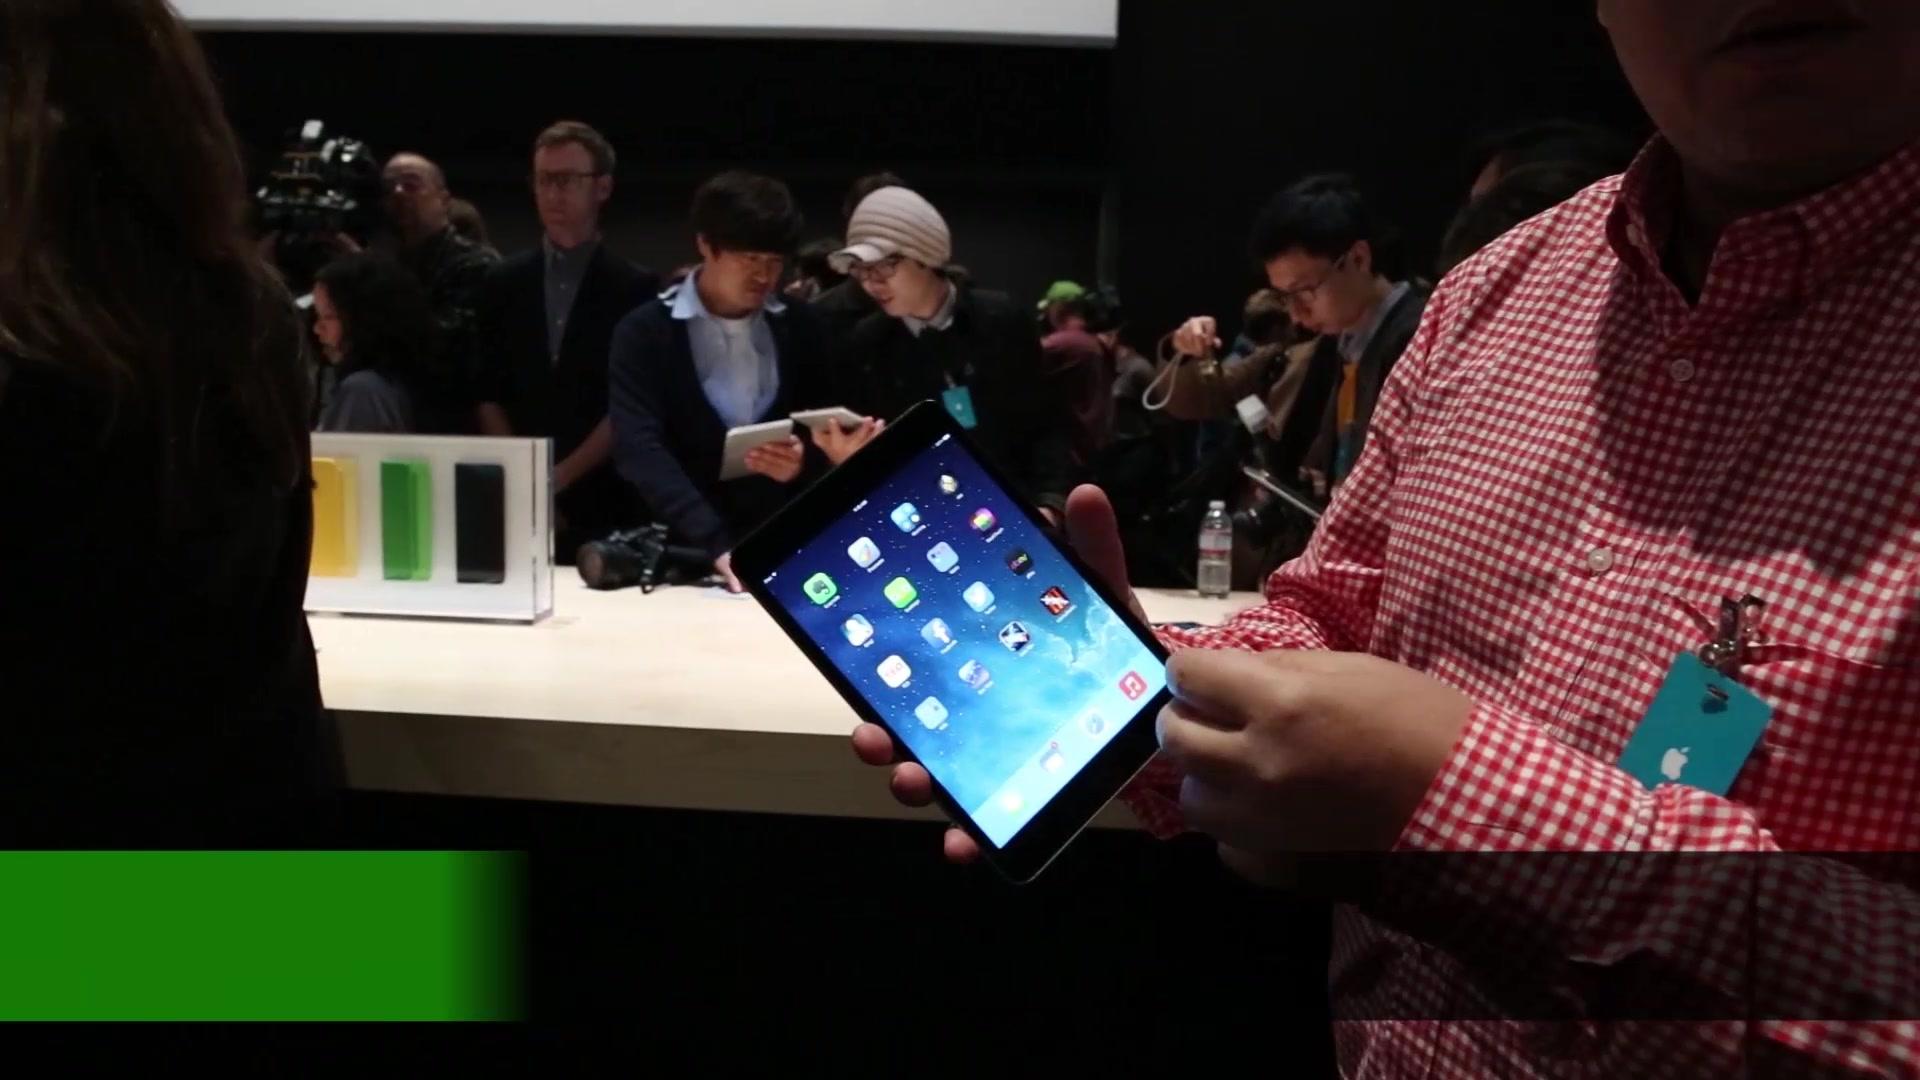 iPad Mini Retina Hands On